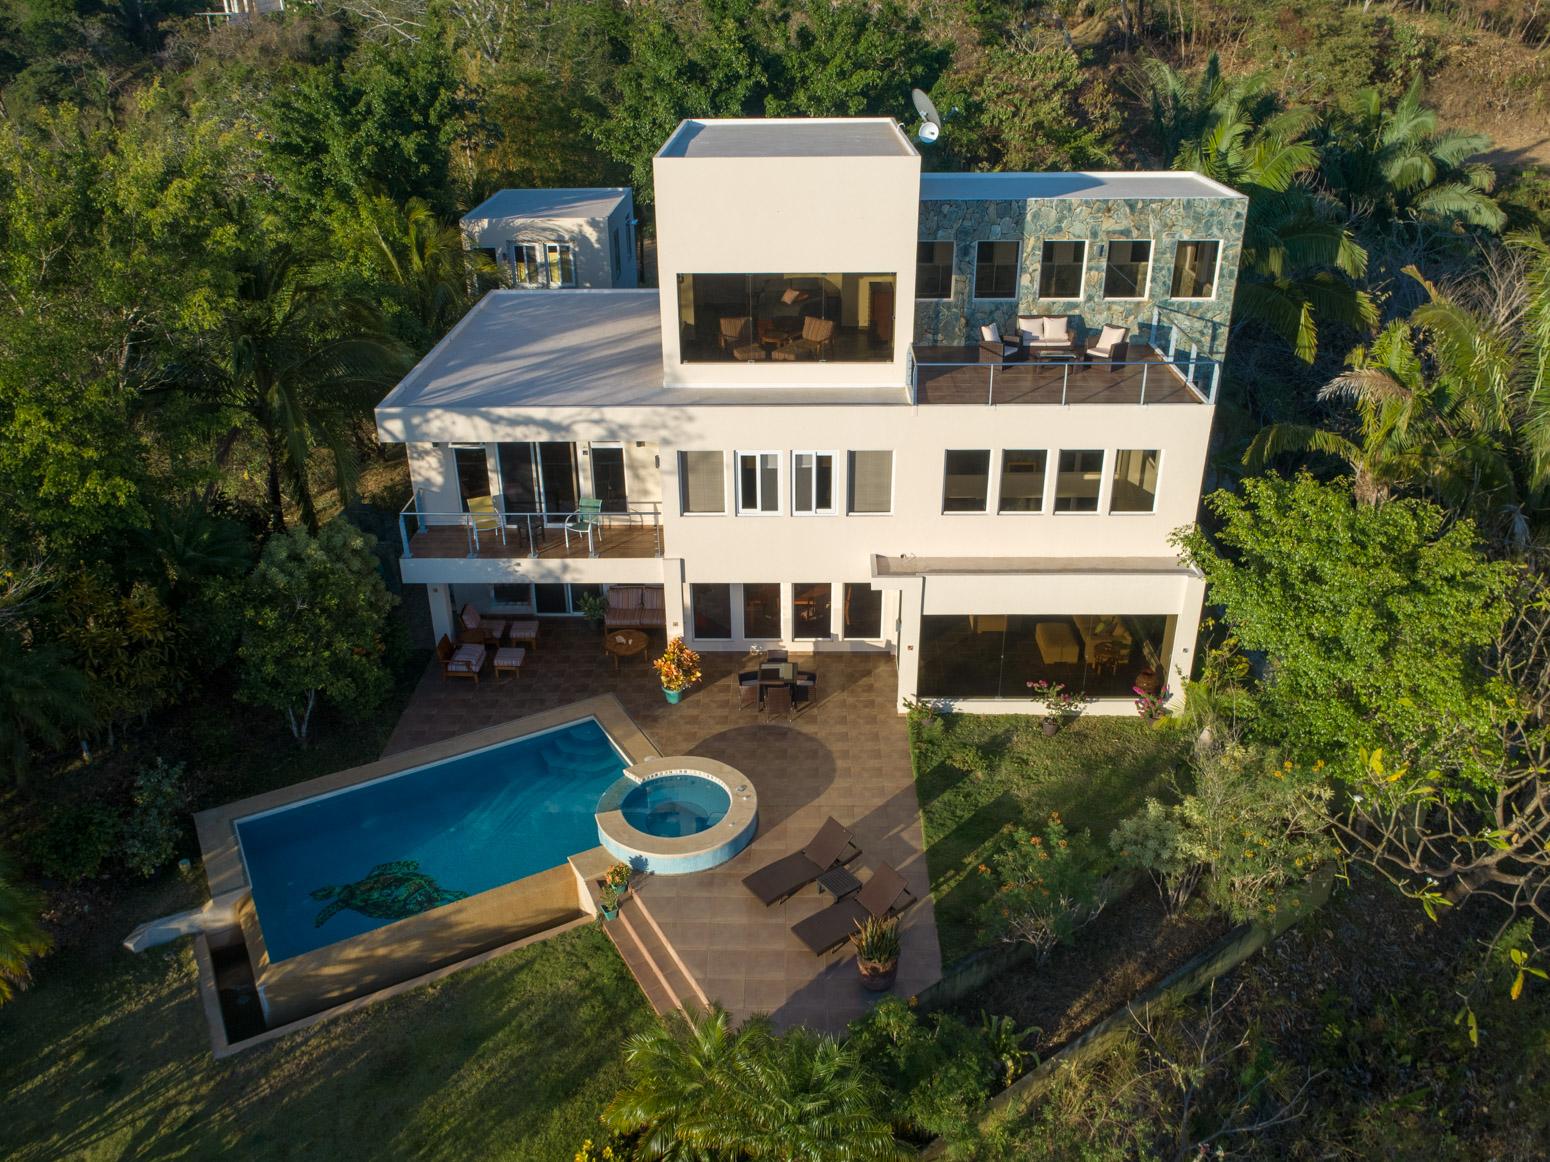 Casa Tortuga Ocean View Home